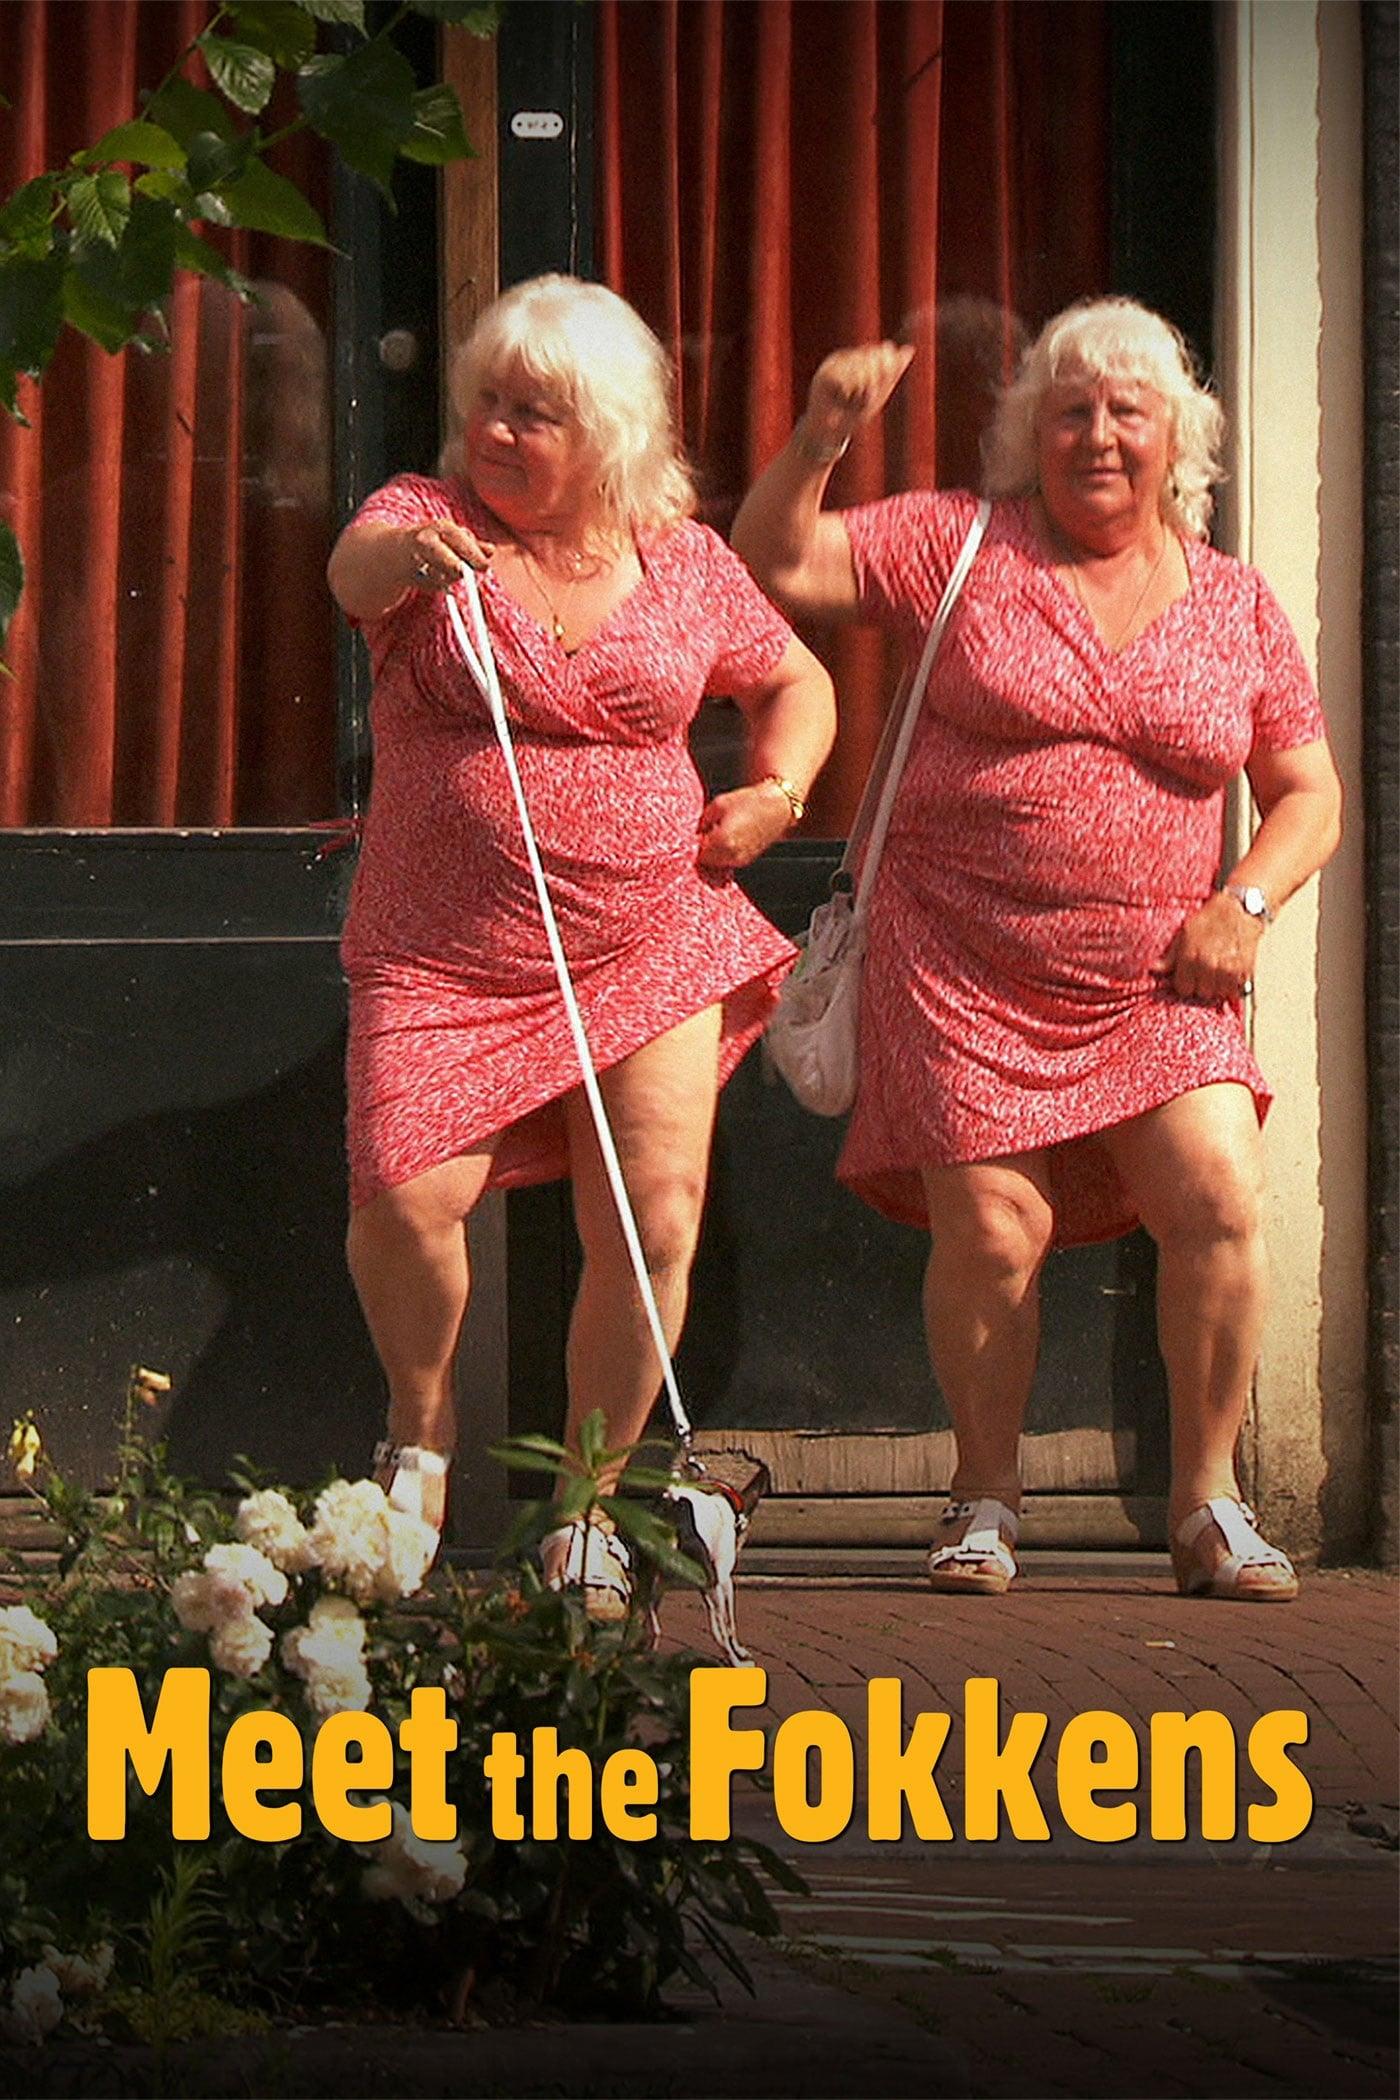 Meet the Fokkens (2011)